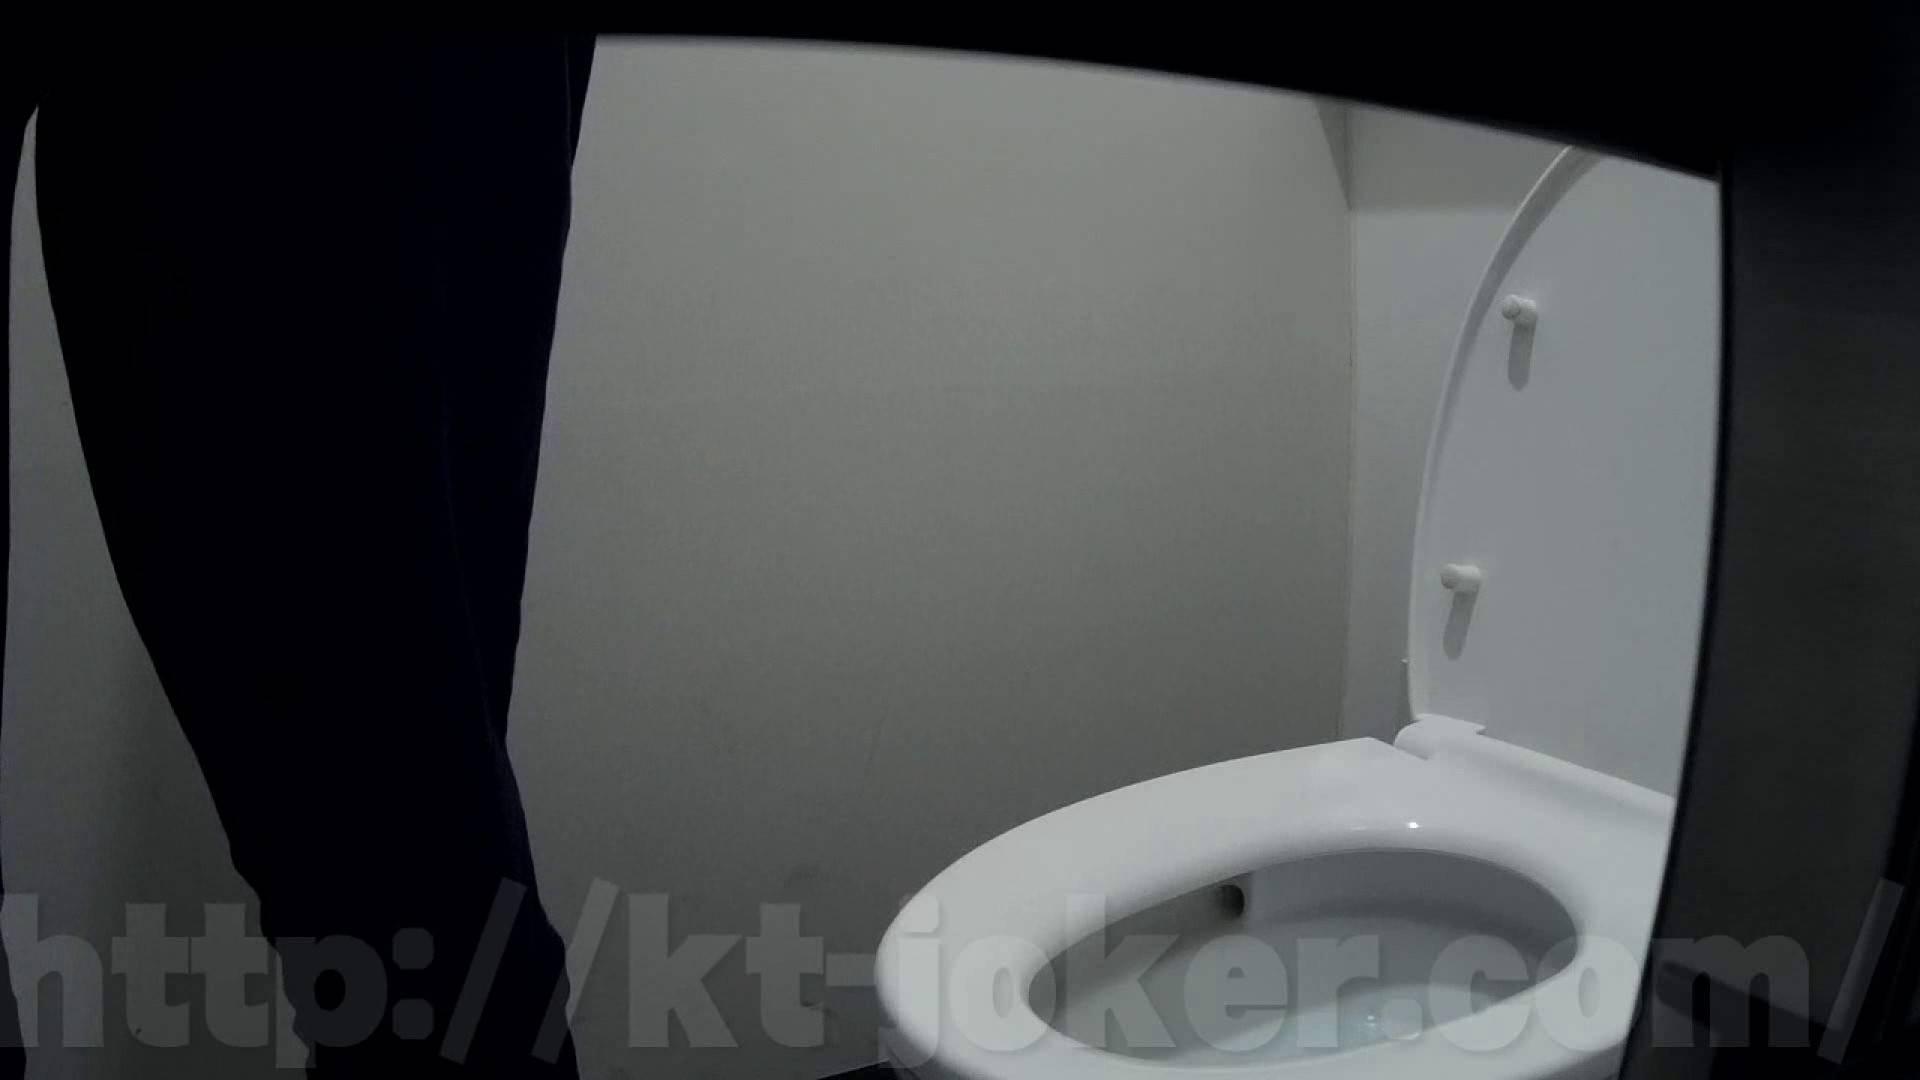 有名大学女性洗面所 vol.50 個室には3つの「目」があるみたいです。 和式 盗み撮りSEX無修正画像 67画像 29